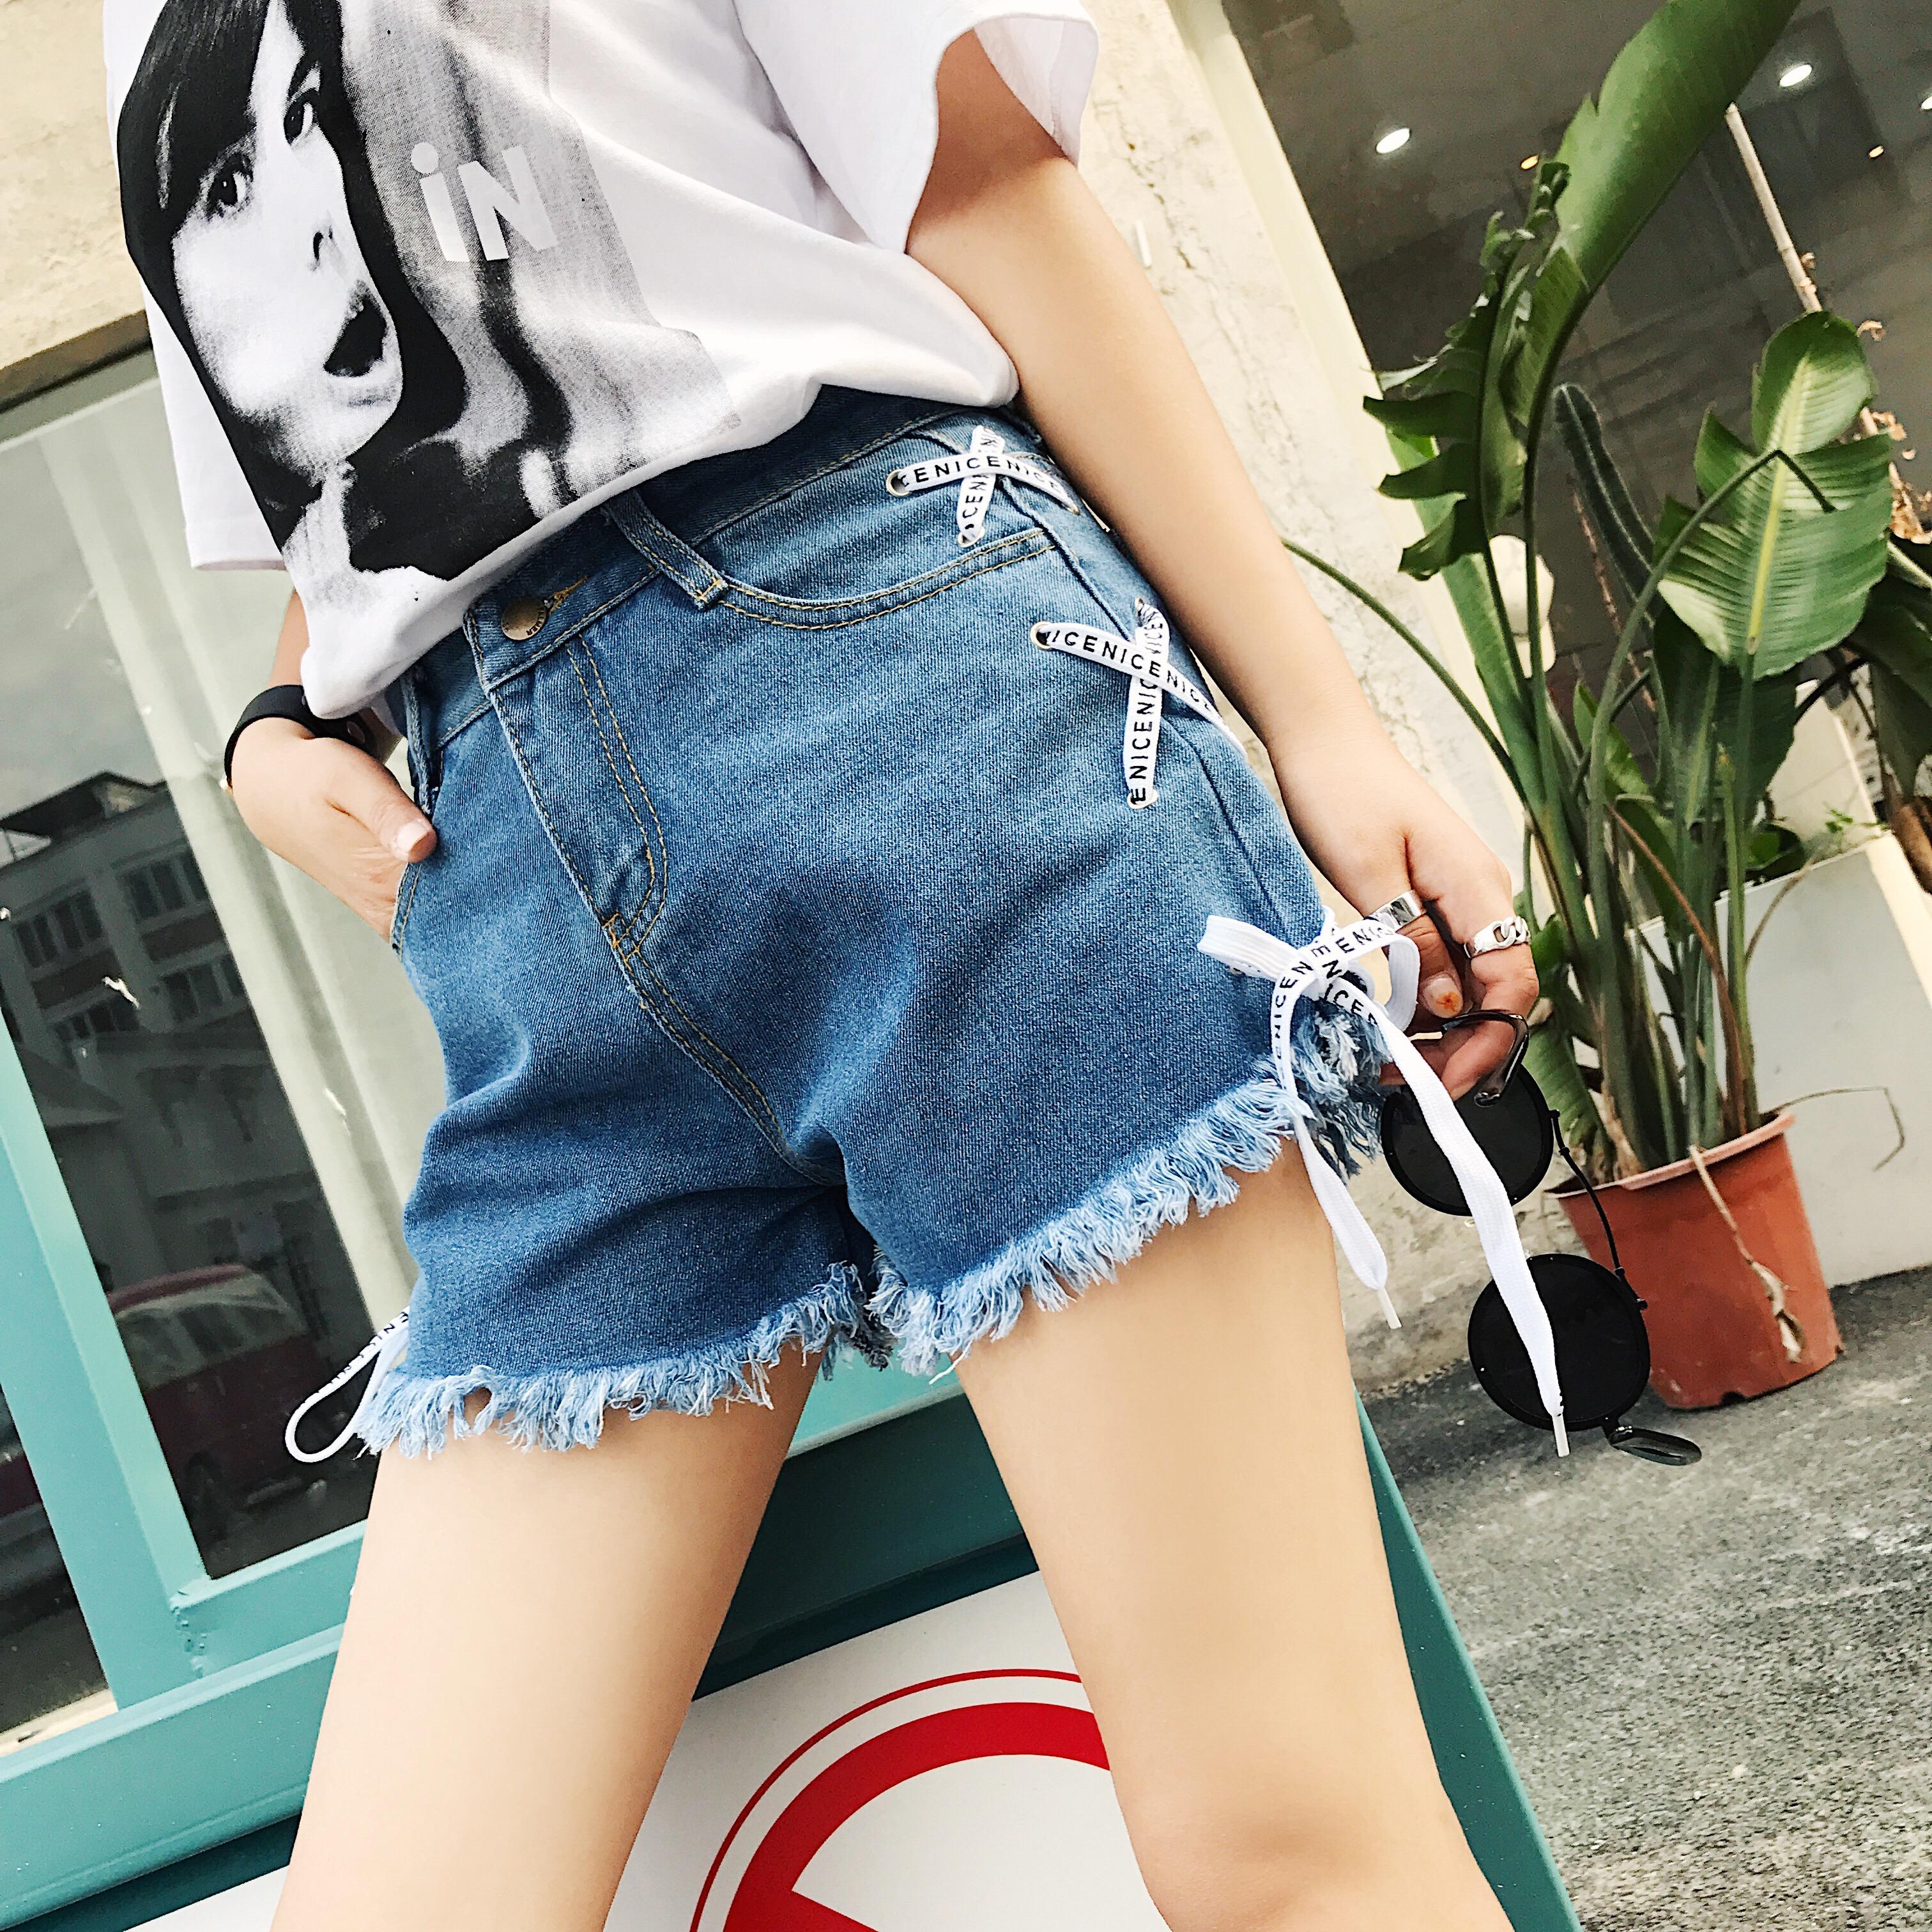 實拍夏季新款牛仔褲 側邊交叉綁帶須須邊短褲時尚熱褲超短褲